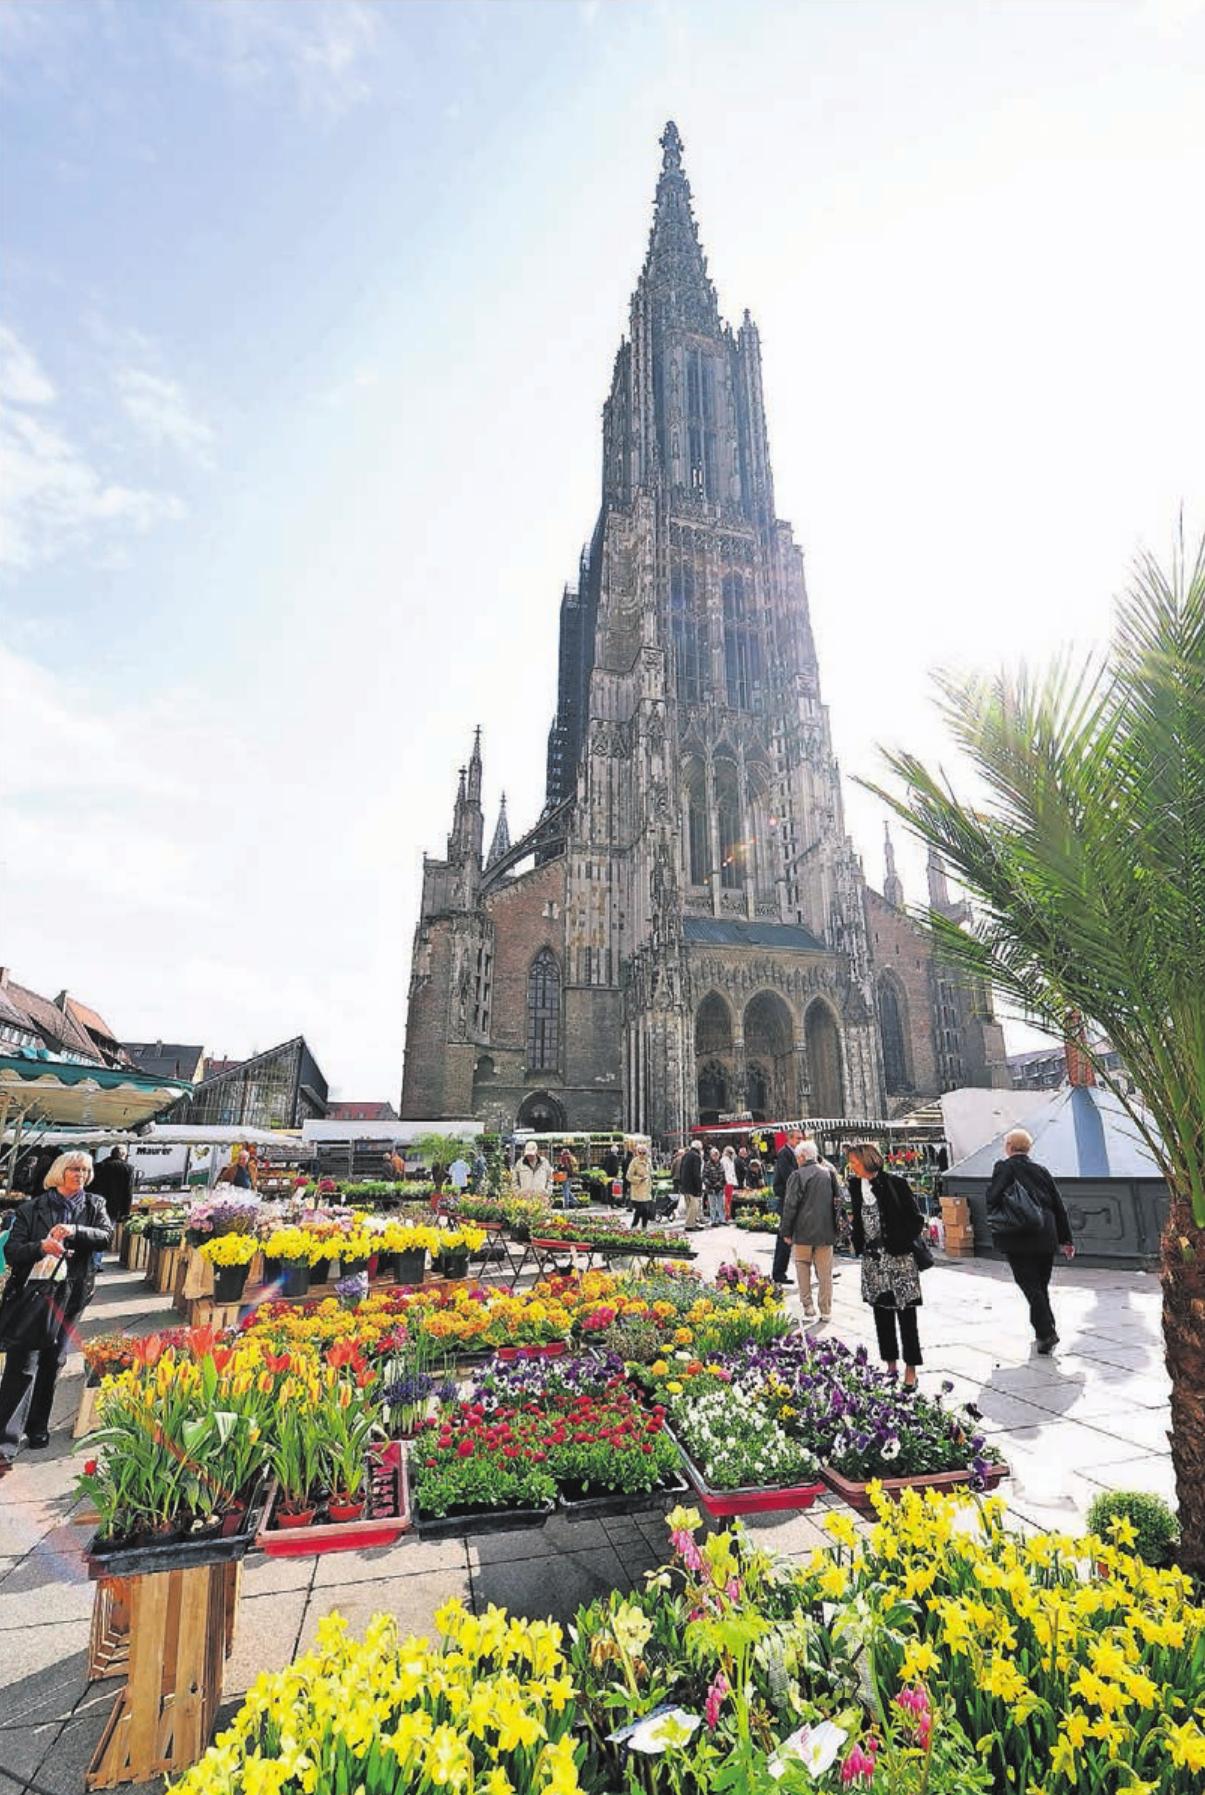 Das Ulmer Münster mit dem höchsten Kirchturm der Welt. Foto: Reinhold Mayer